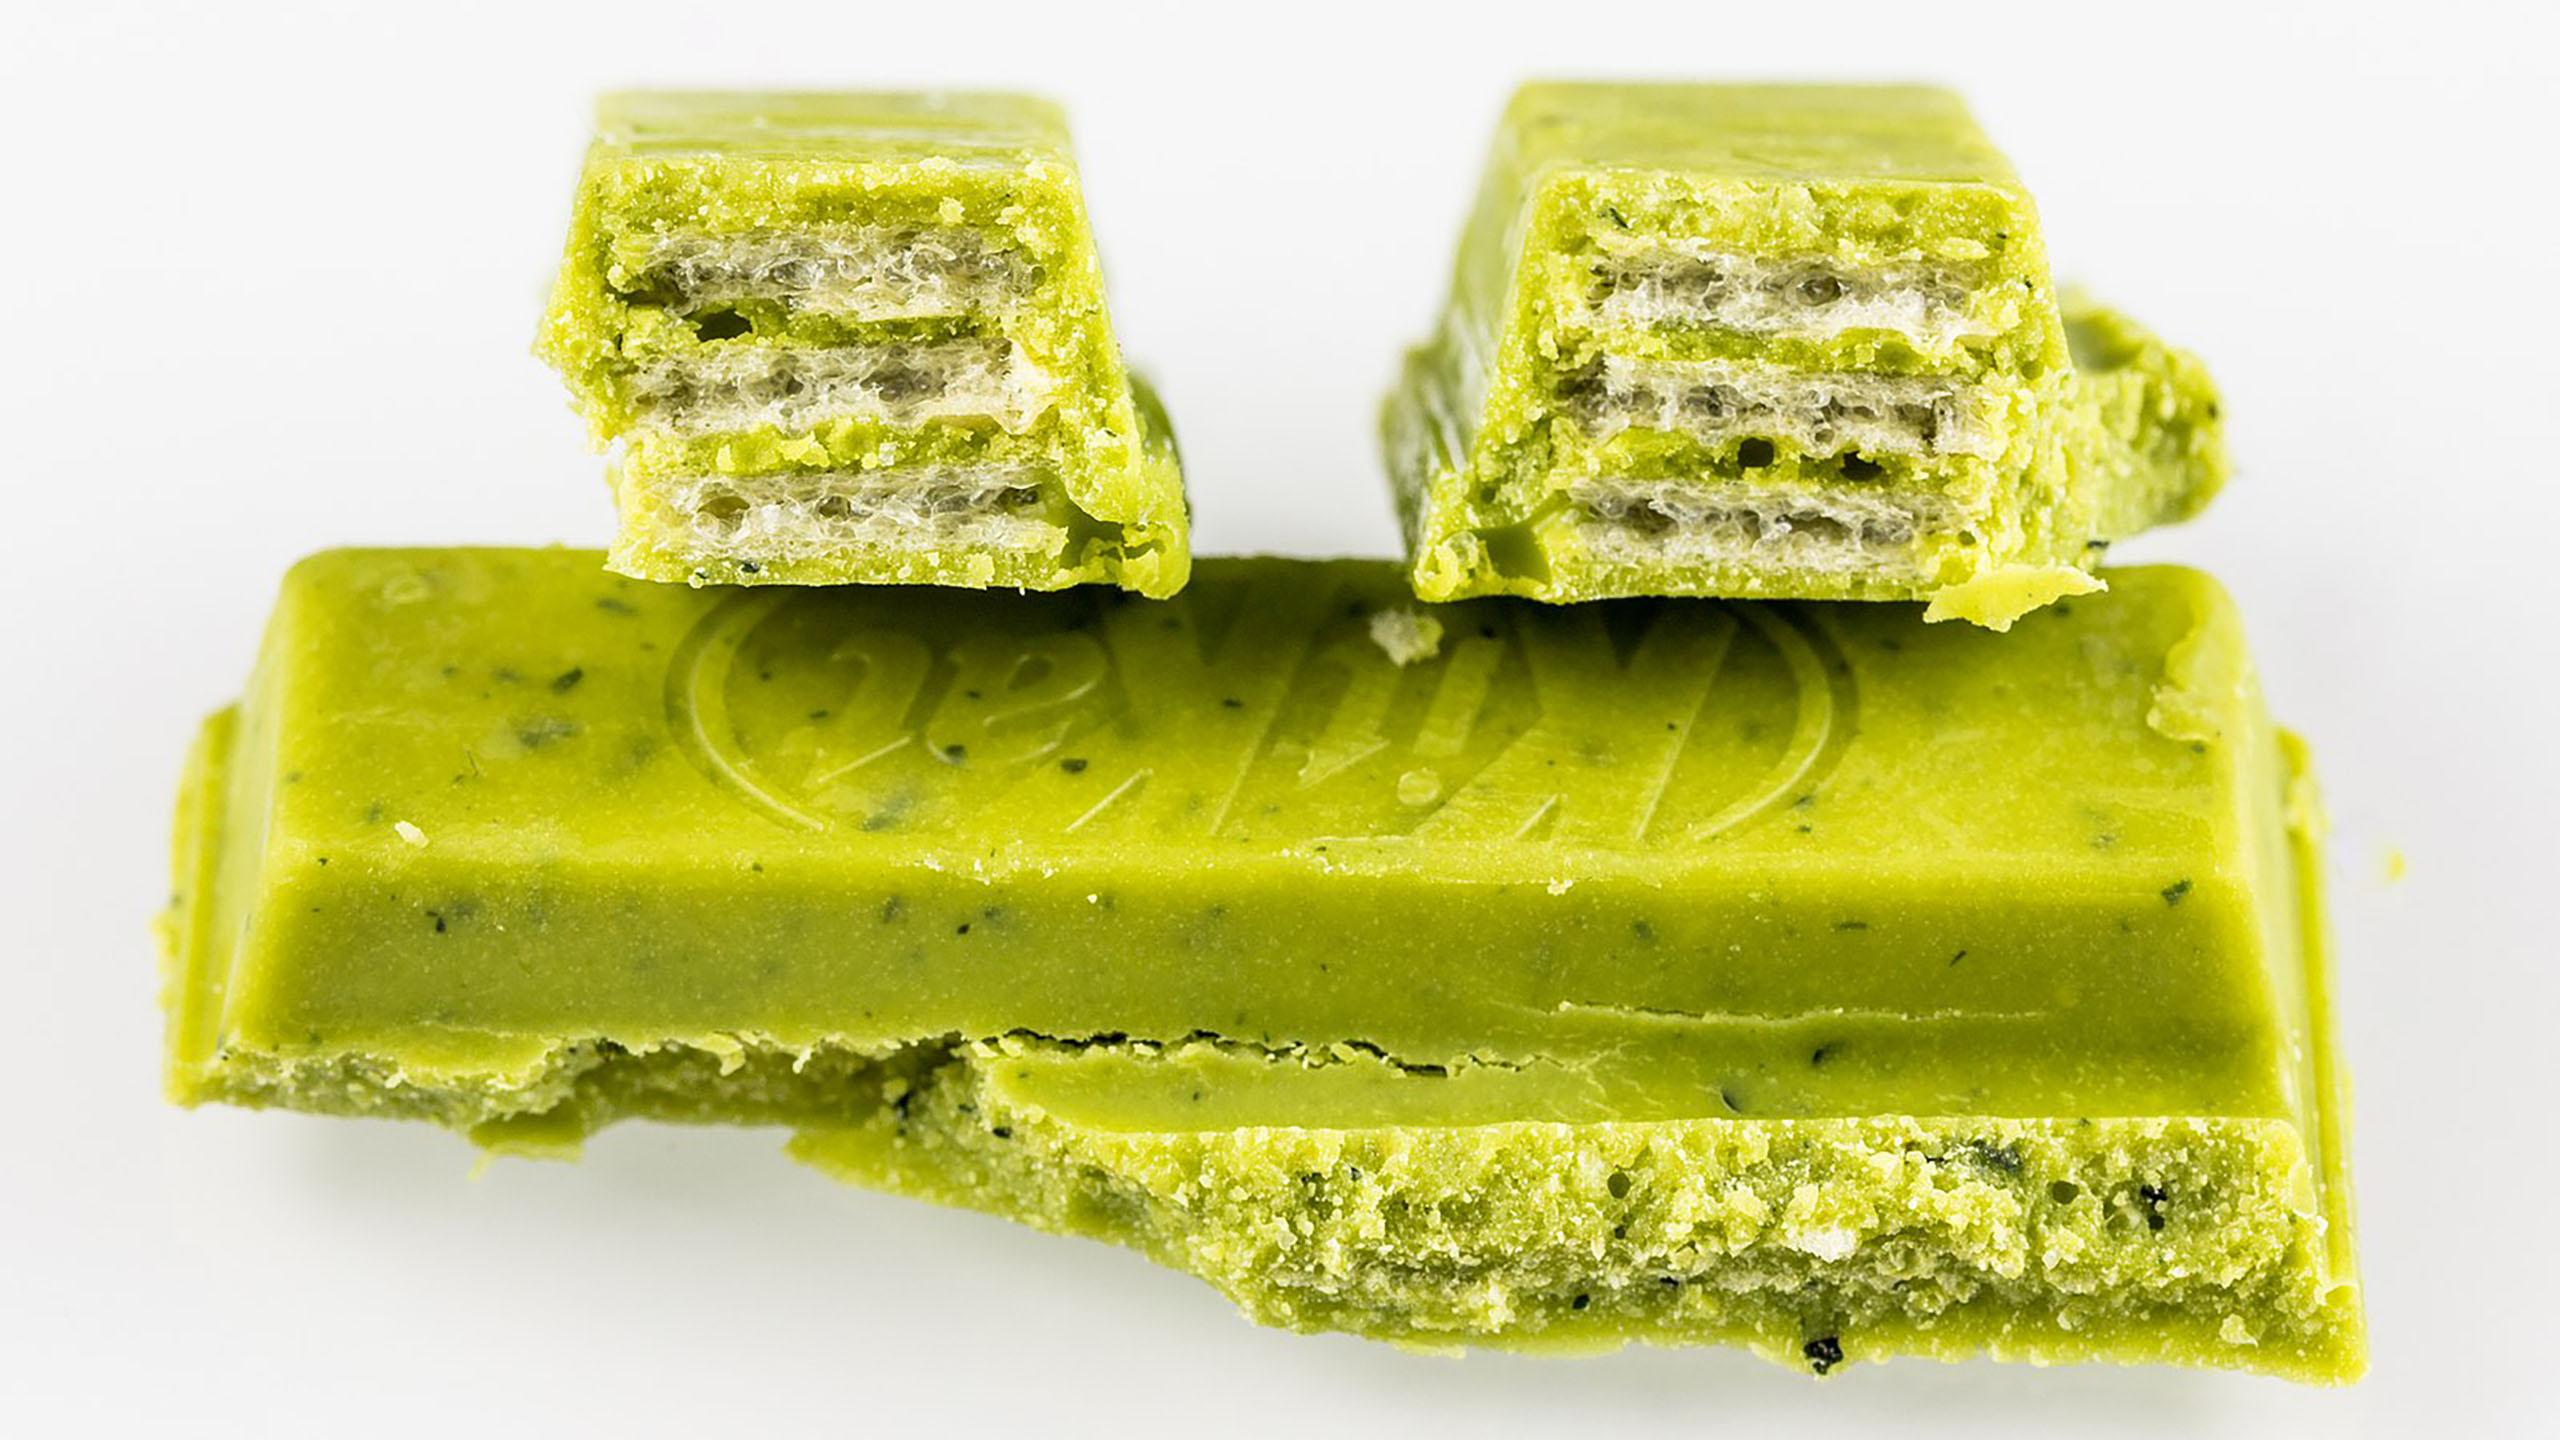 Kit Kat Matcha y otros dulces internacionales que puedes pedir por Amazon